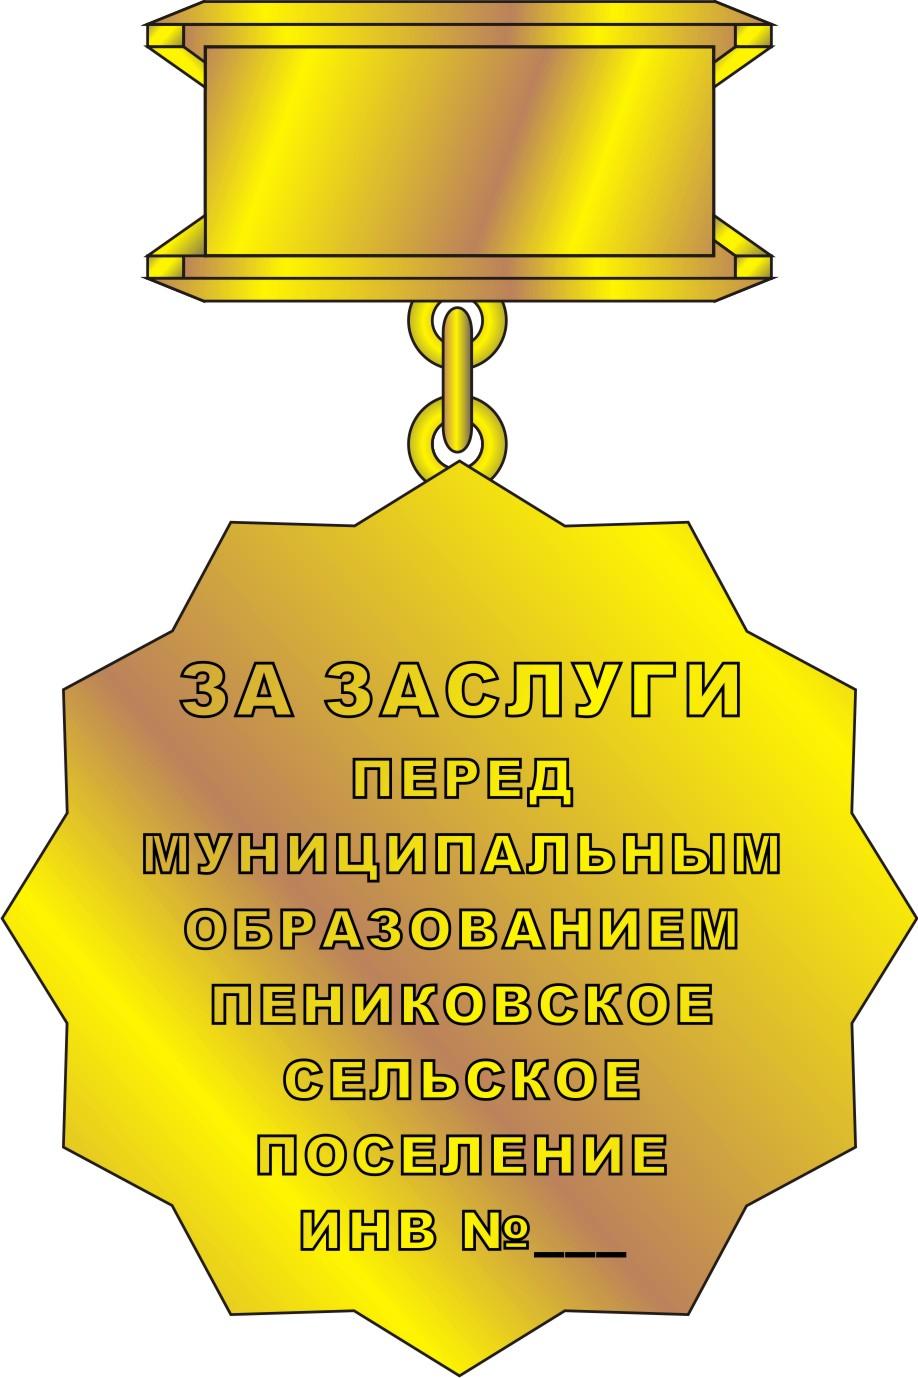 Пеники_знЗЗоб